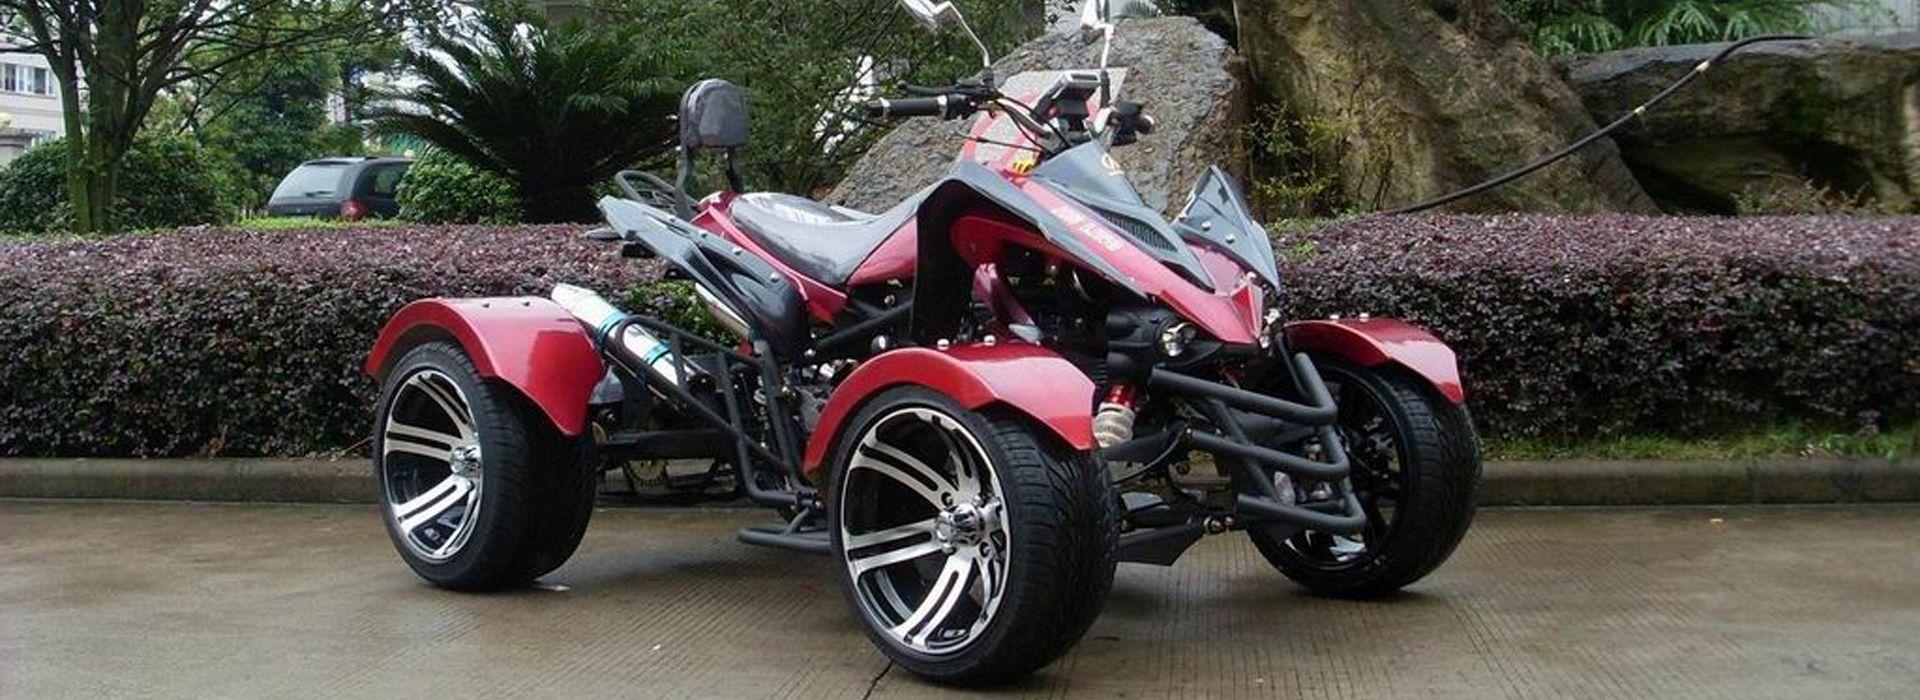 Speedstar 300ccm